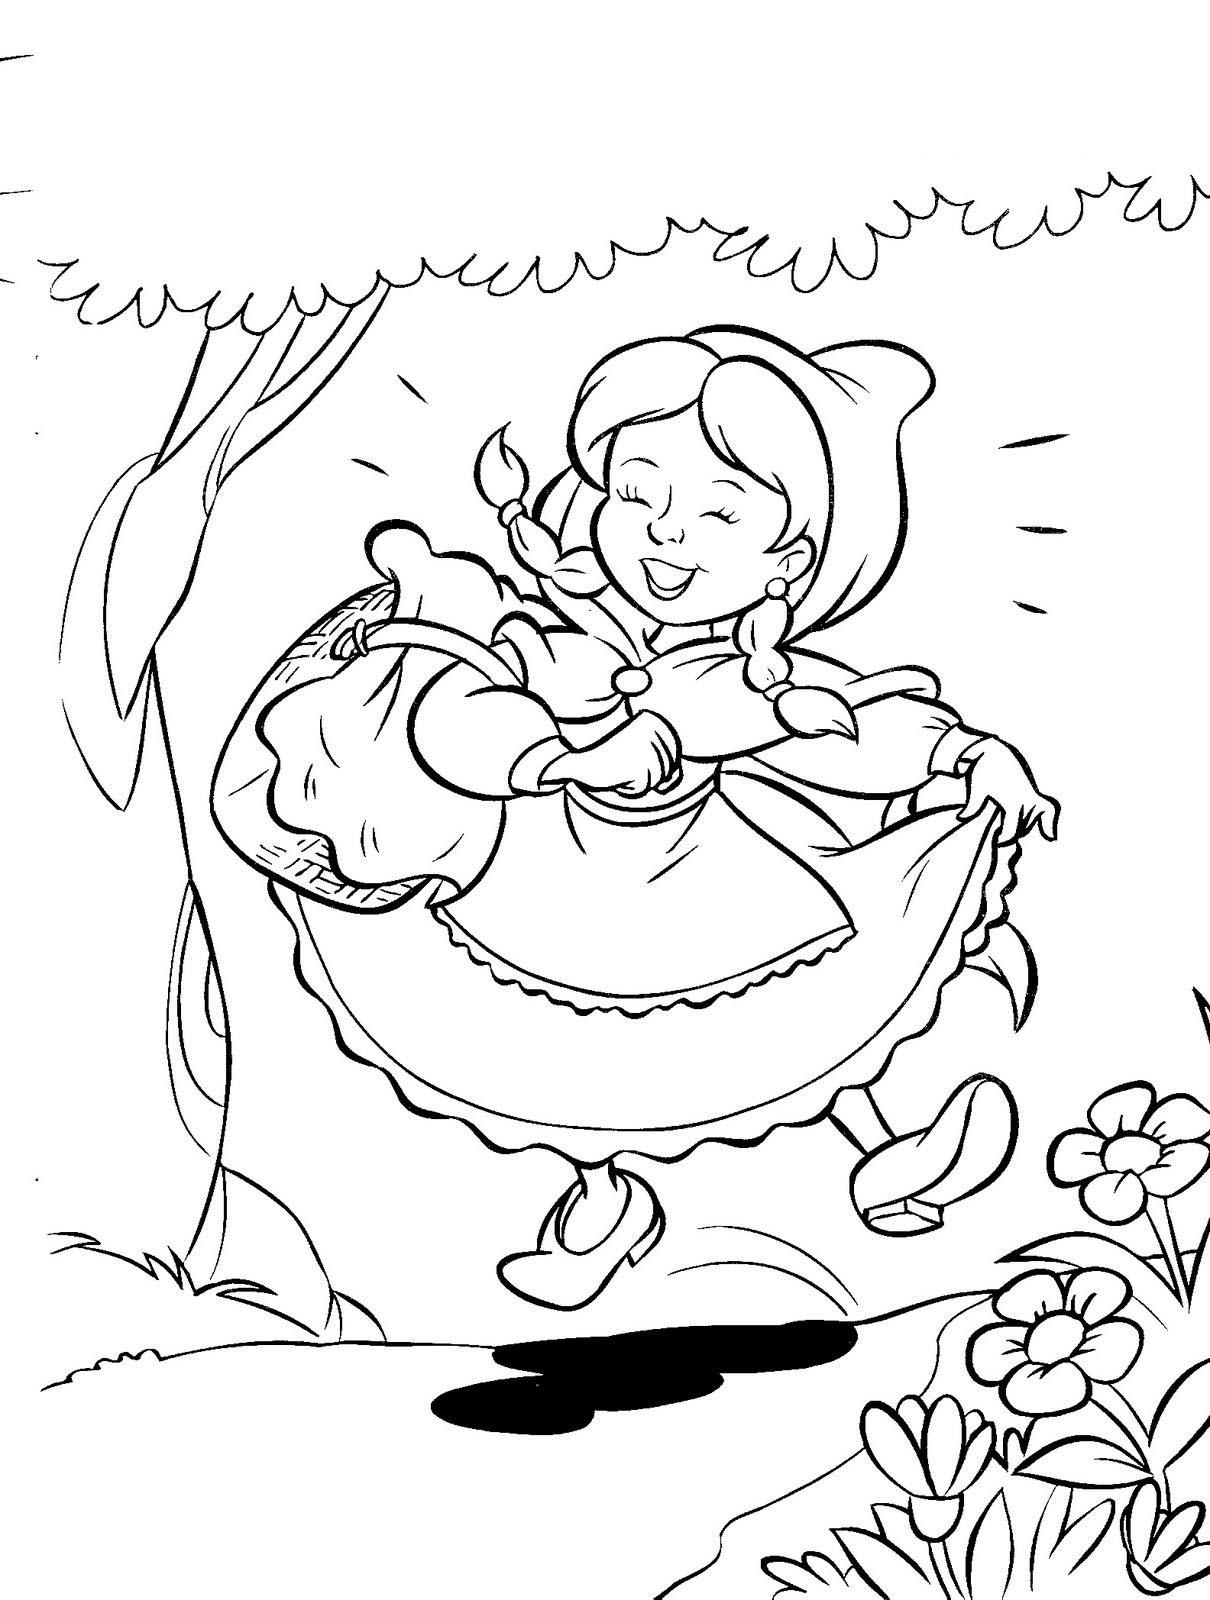 Desenho De Chapeuzinho Vermelho Cantando Para Colorir Tudodesenhos